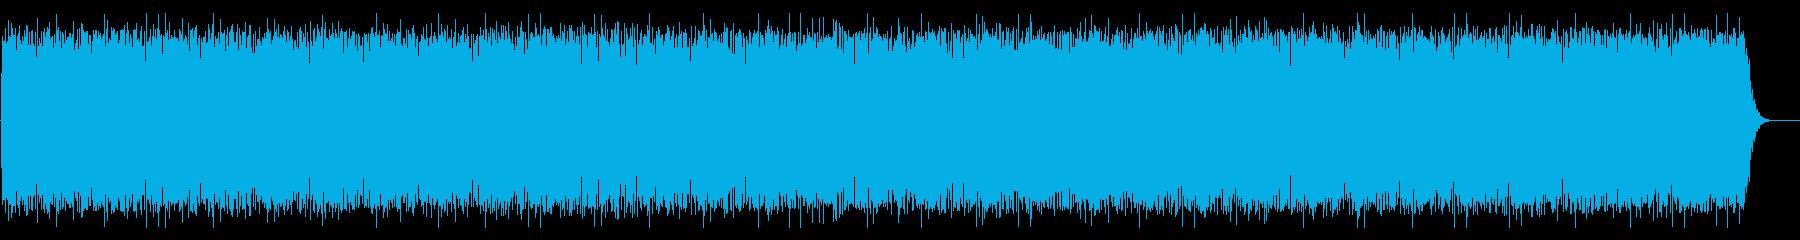 アフリカンな太鼓のリズム(リズムのみ)の再生済みの波形